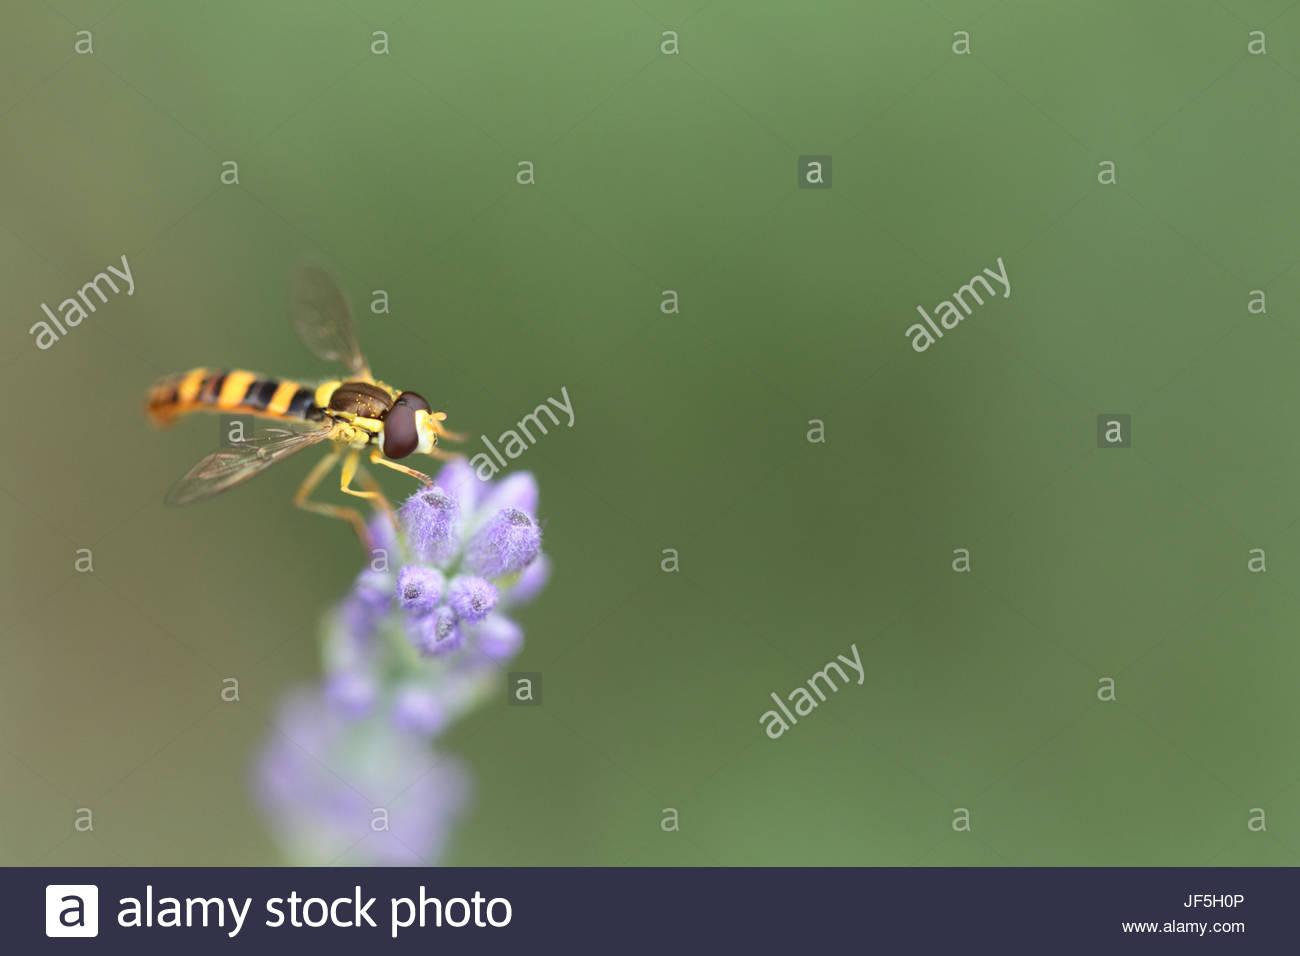 Schwebfliegen, manchmal auch als Blume fliegen oder Syrphid fliegt, machen die Insekten Familie Syrphidae. Sie sind Stockbild